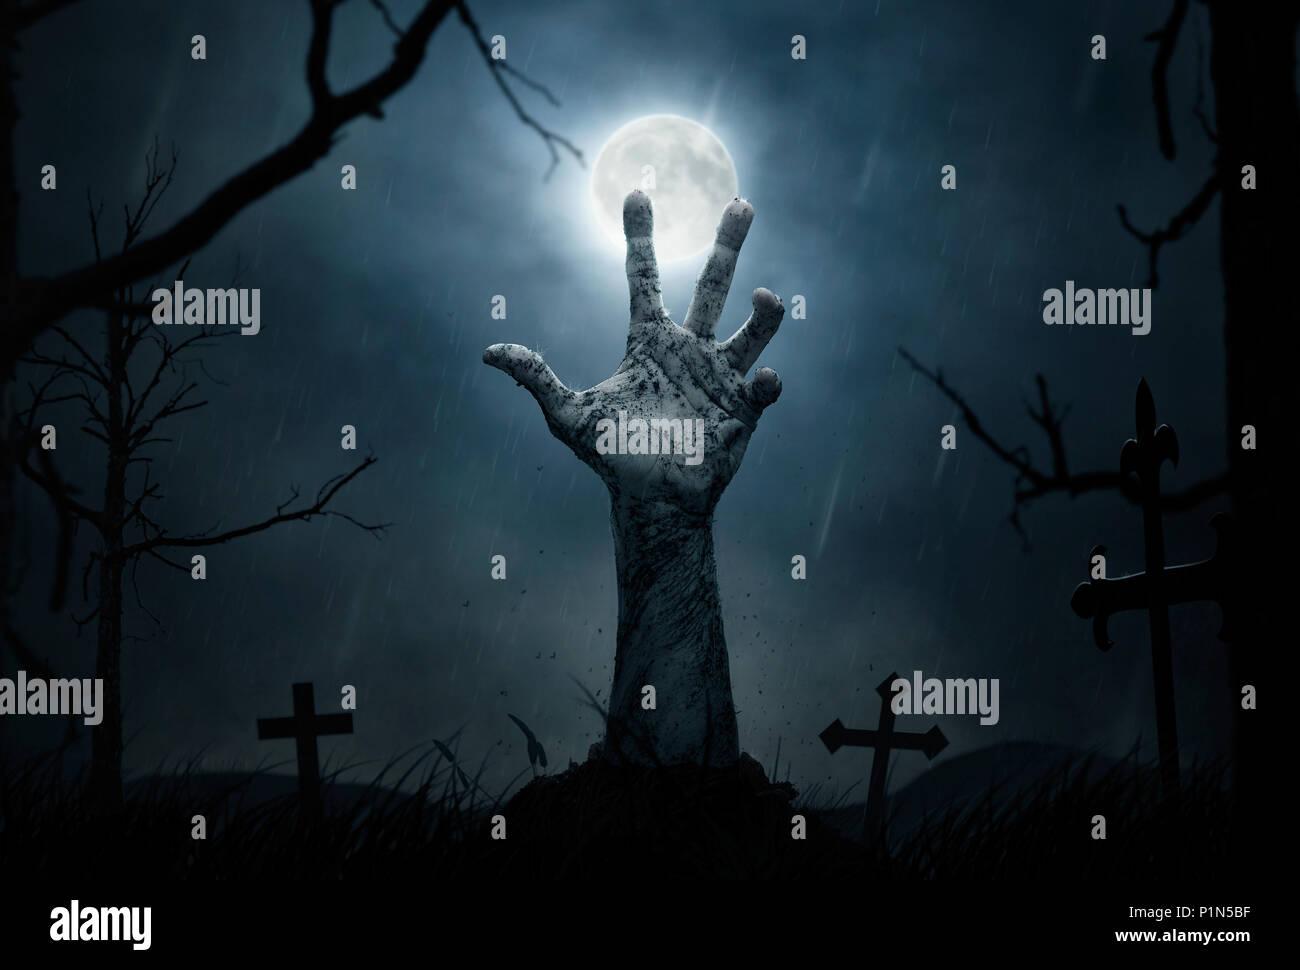 Concepto de Halloween, la mano muerta que sale desde el suelo Imagen De Stock